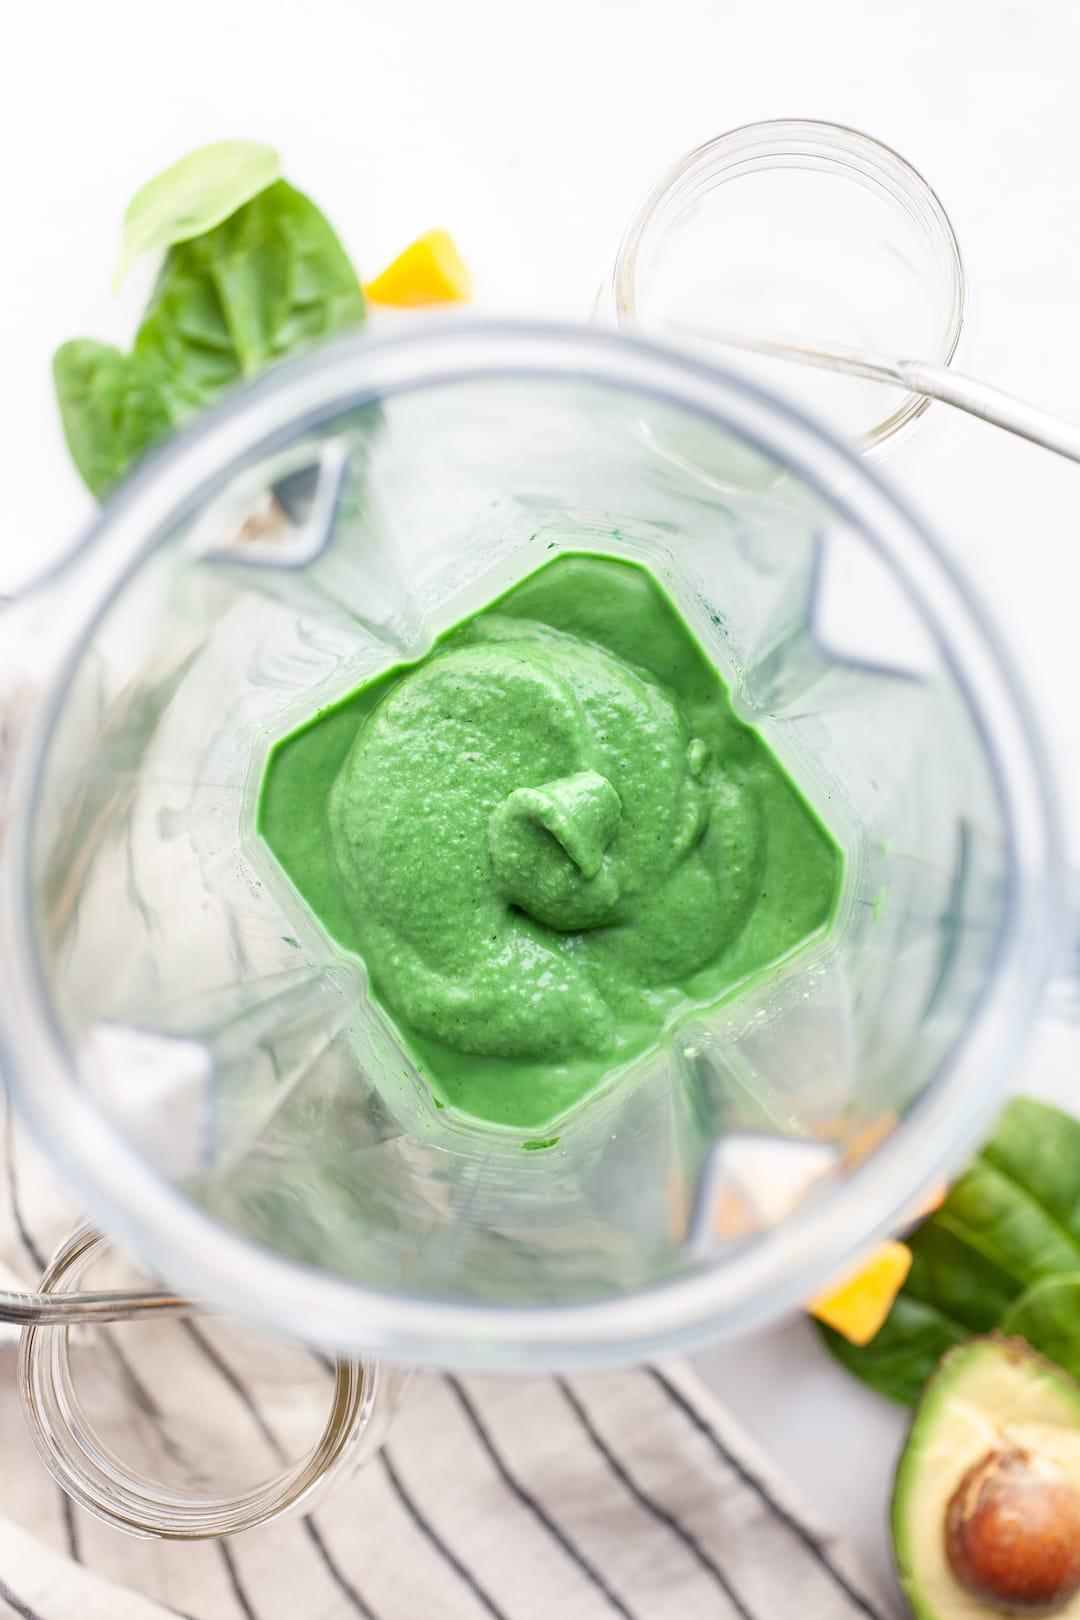 Blended Up The Best Green Spirulina Smoothie